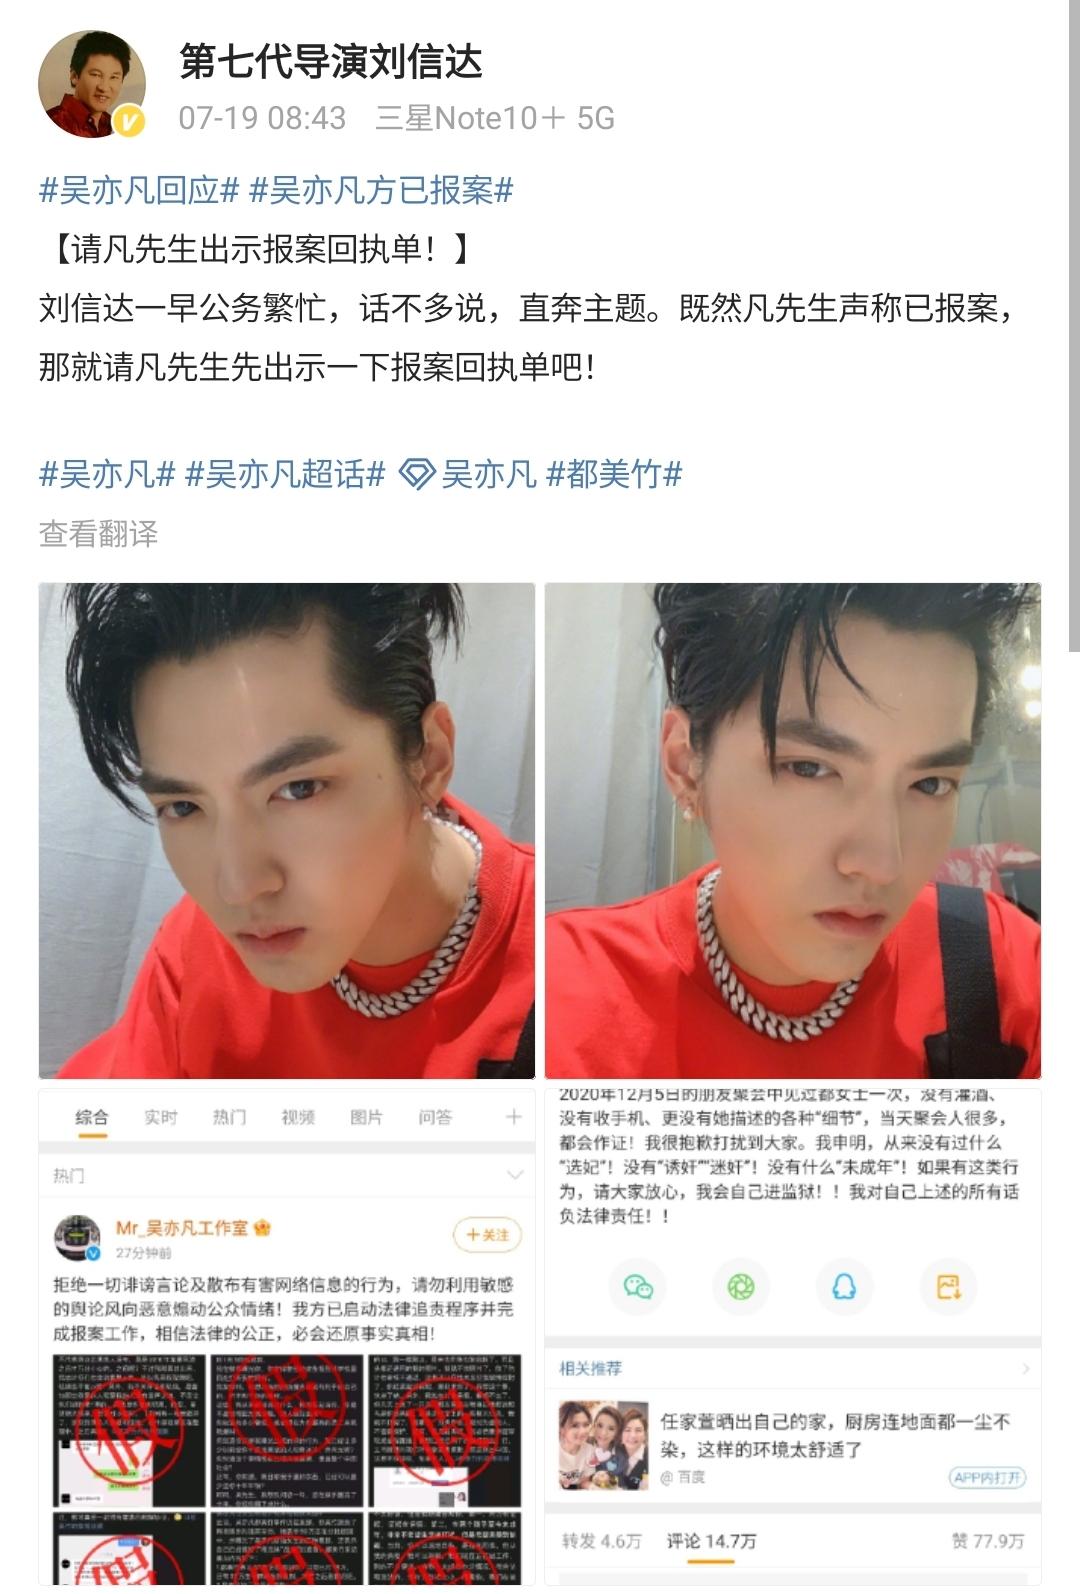 吴亦凡工作室发声明已报案,控诉女方伪造证据,粉丝回应相信哥哥